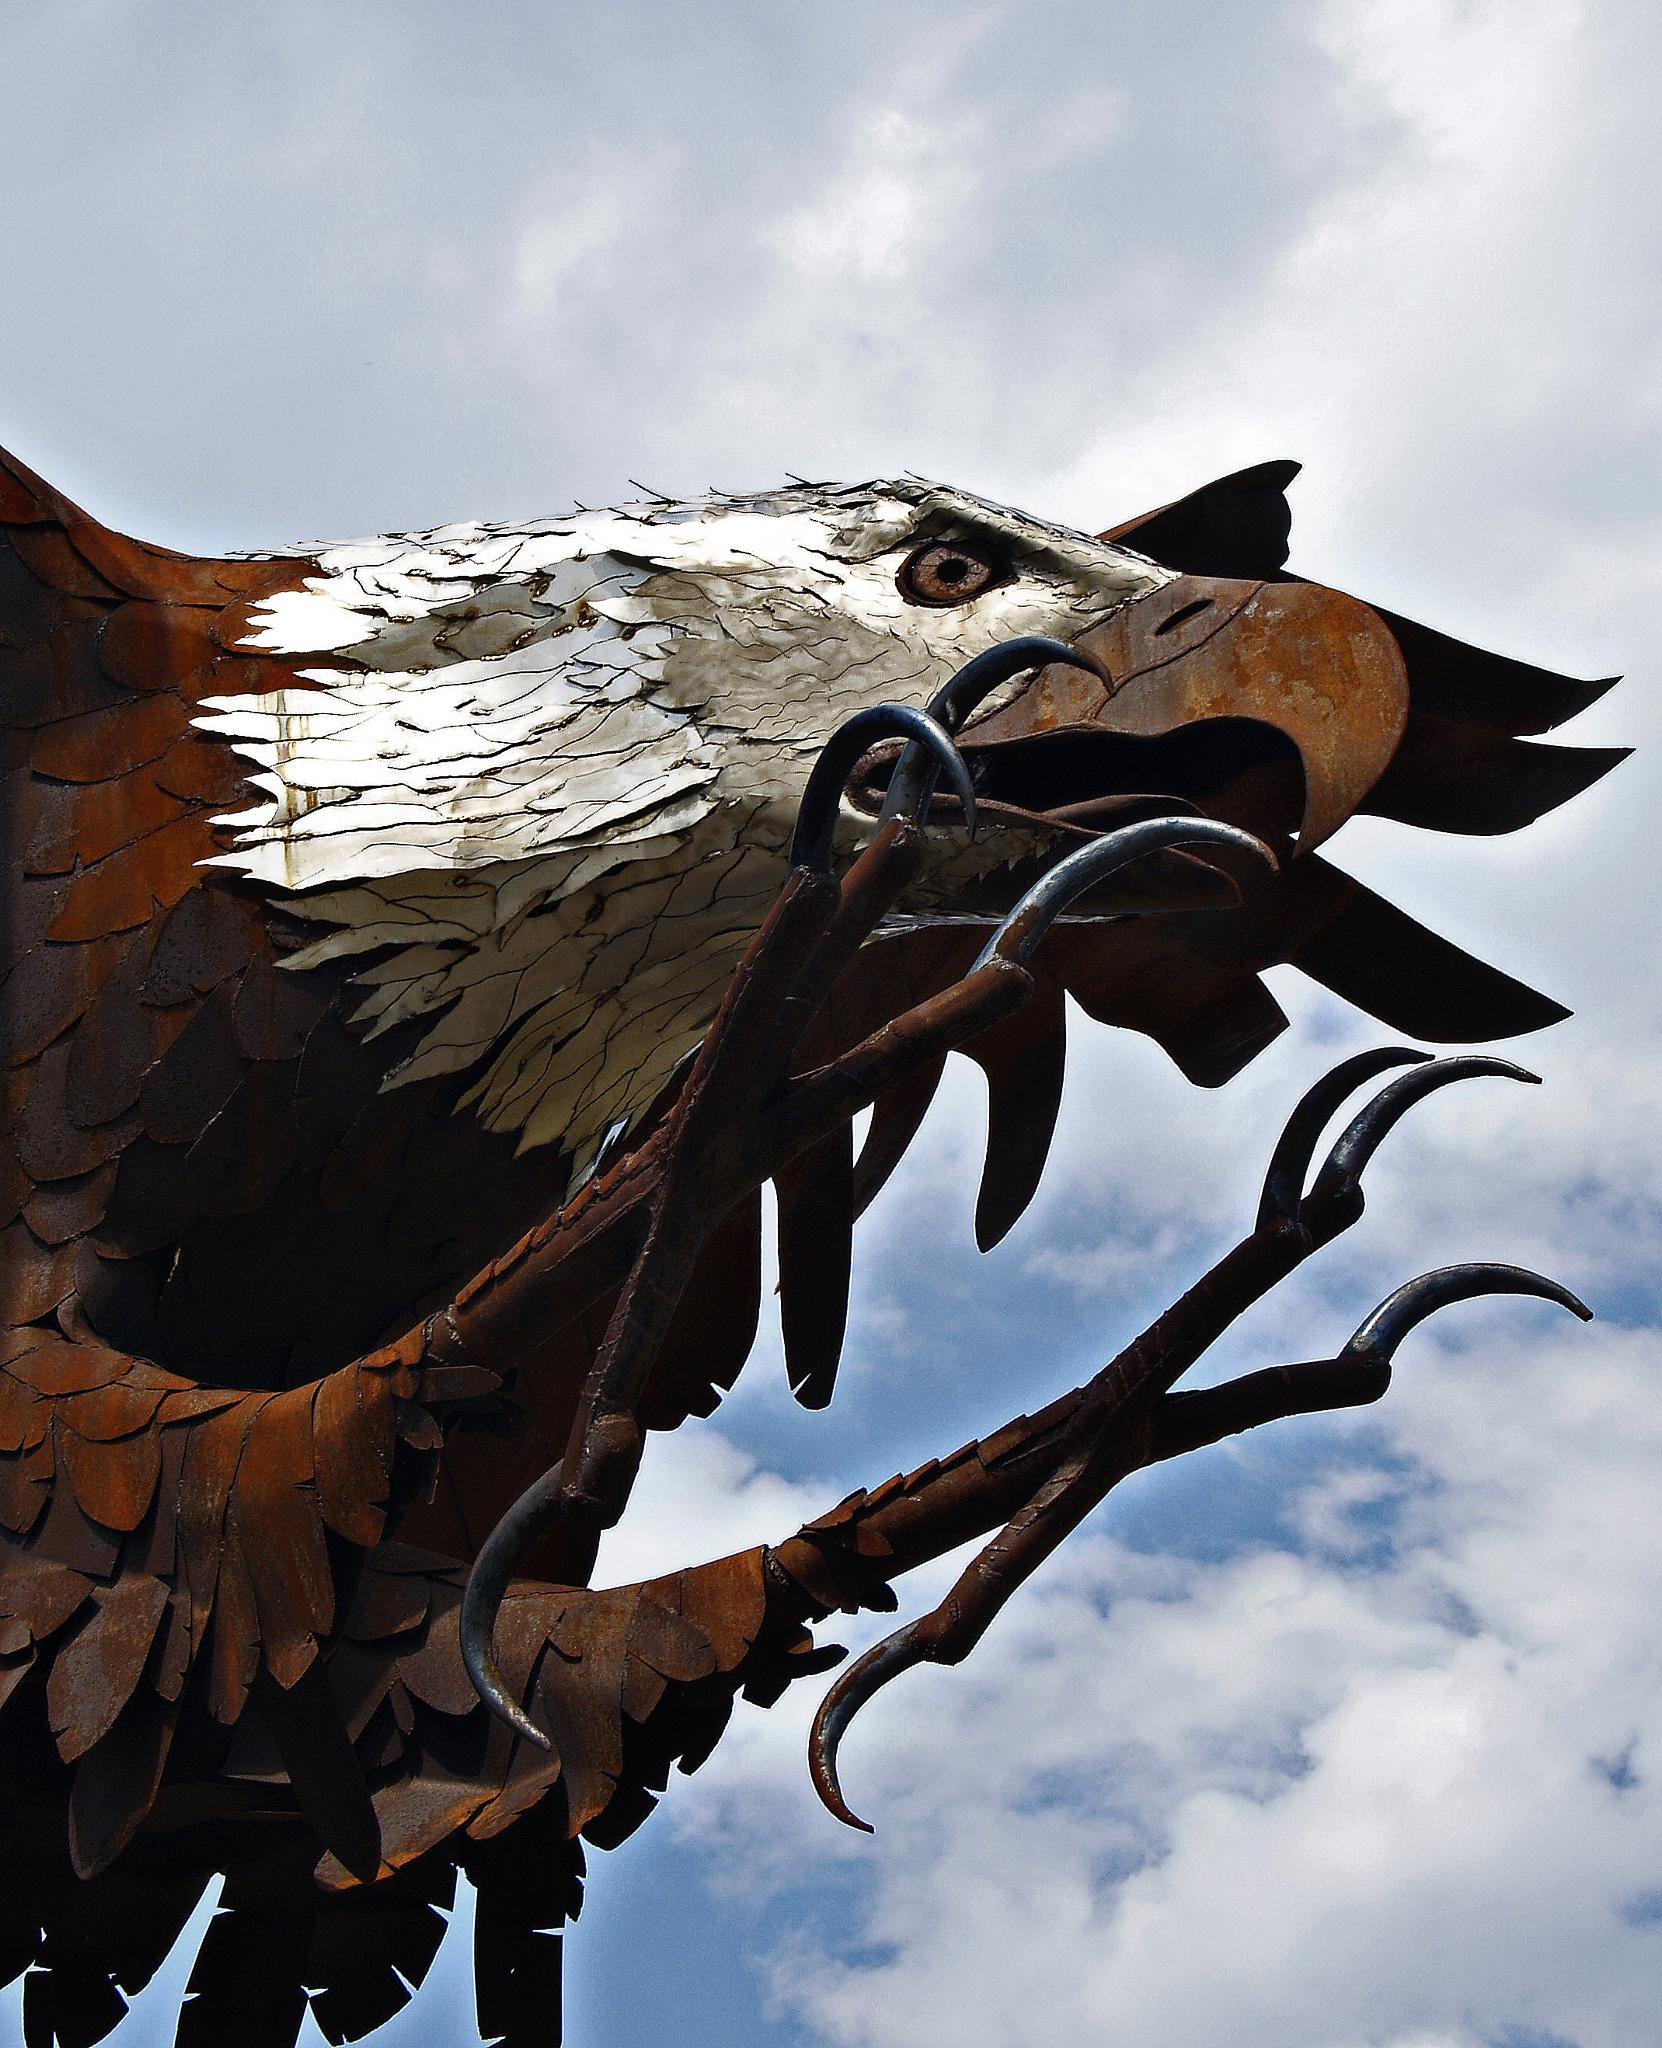 Iron Eagle by Brigitte Werner